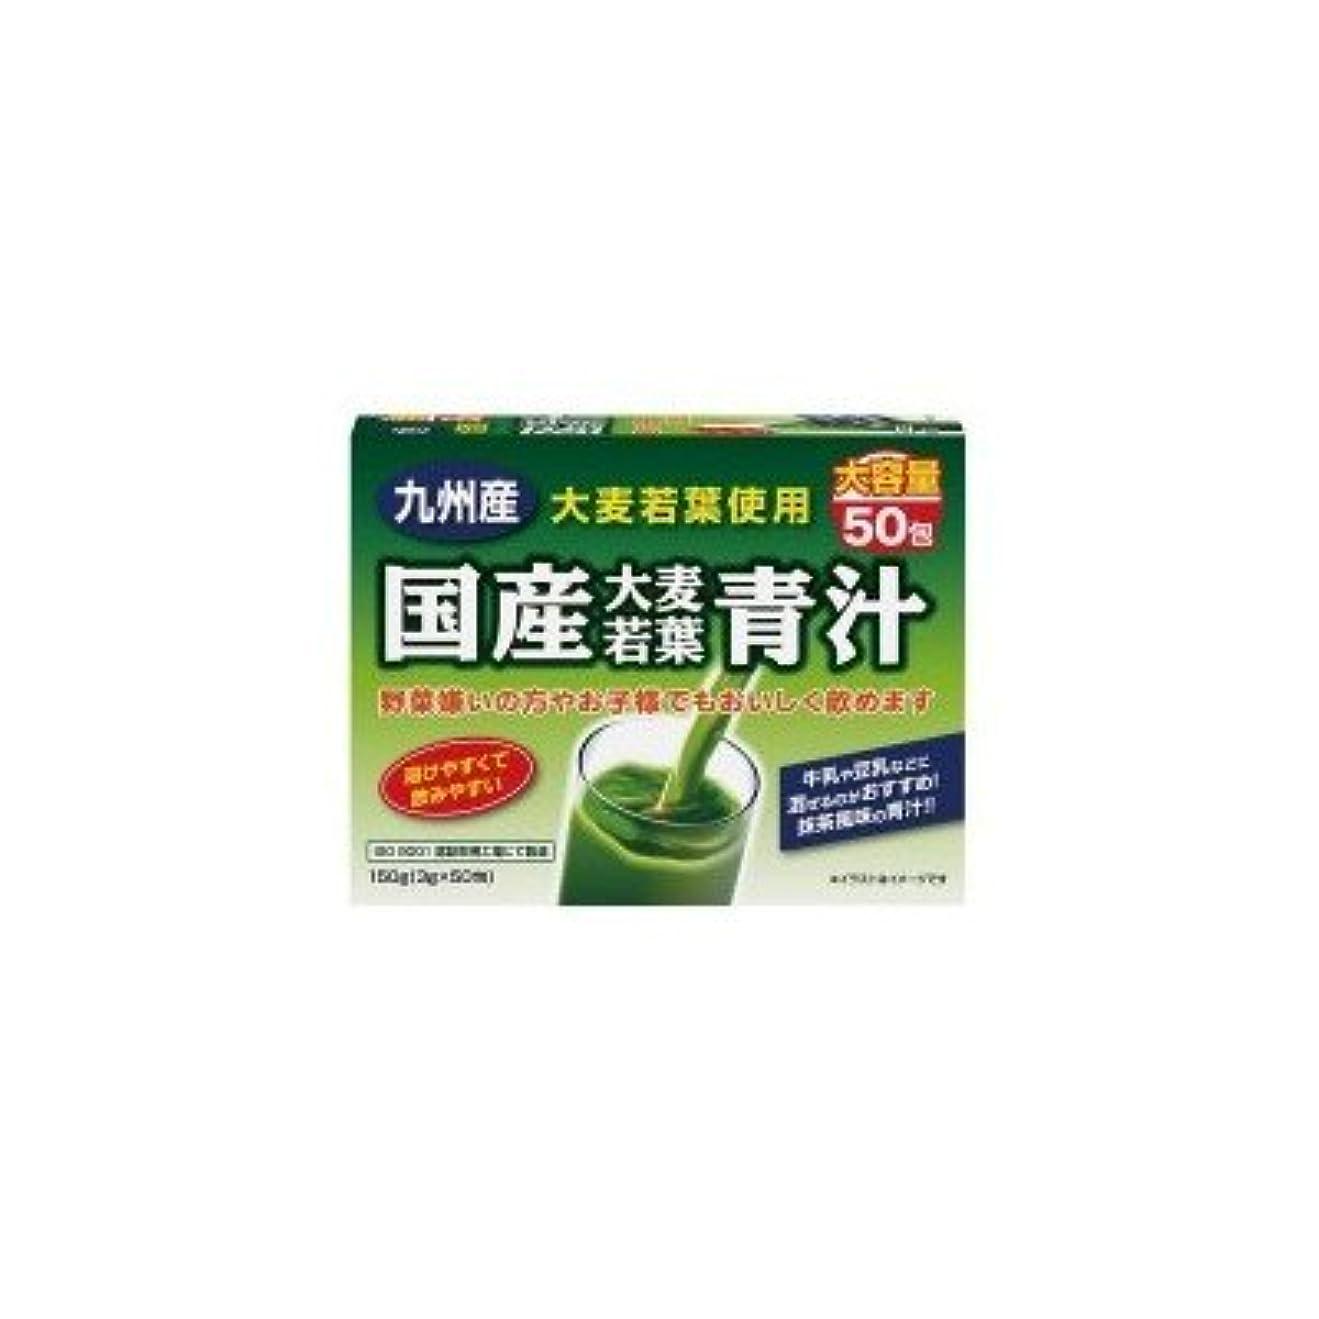 位置づけるハード検体ユーワ 九州産大麦若葉使用 国産大麦若葉青汁 150g(3g×50包) 3888